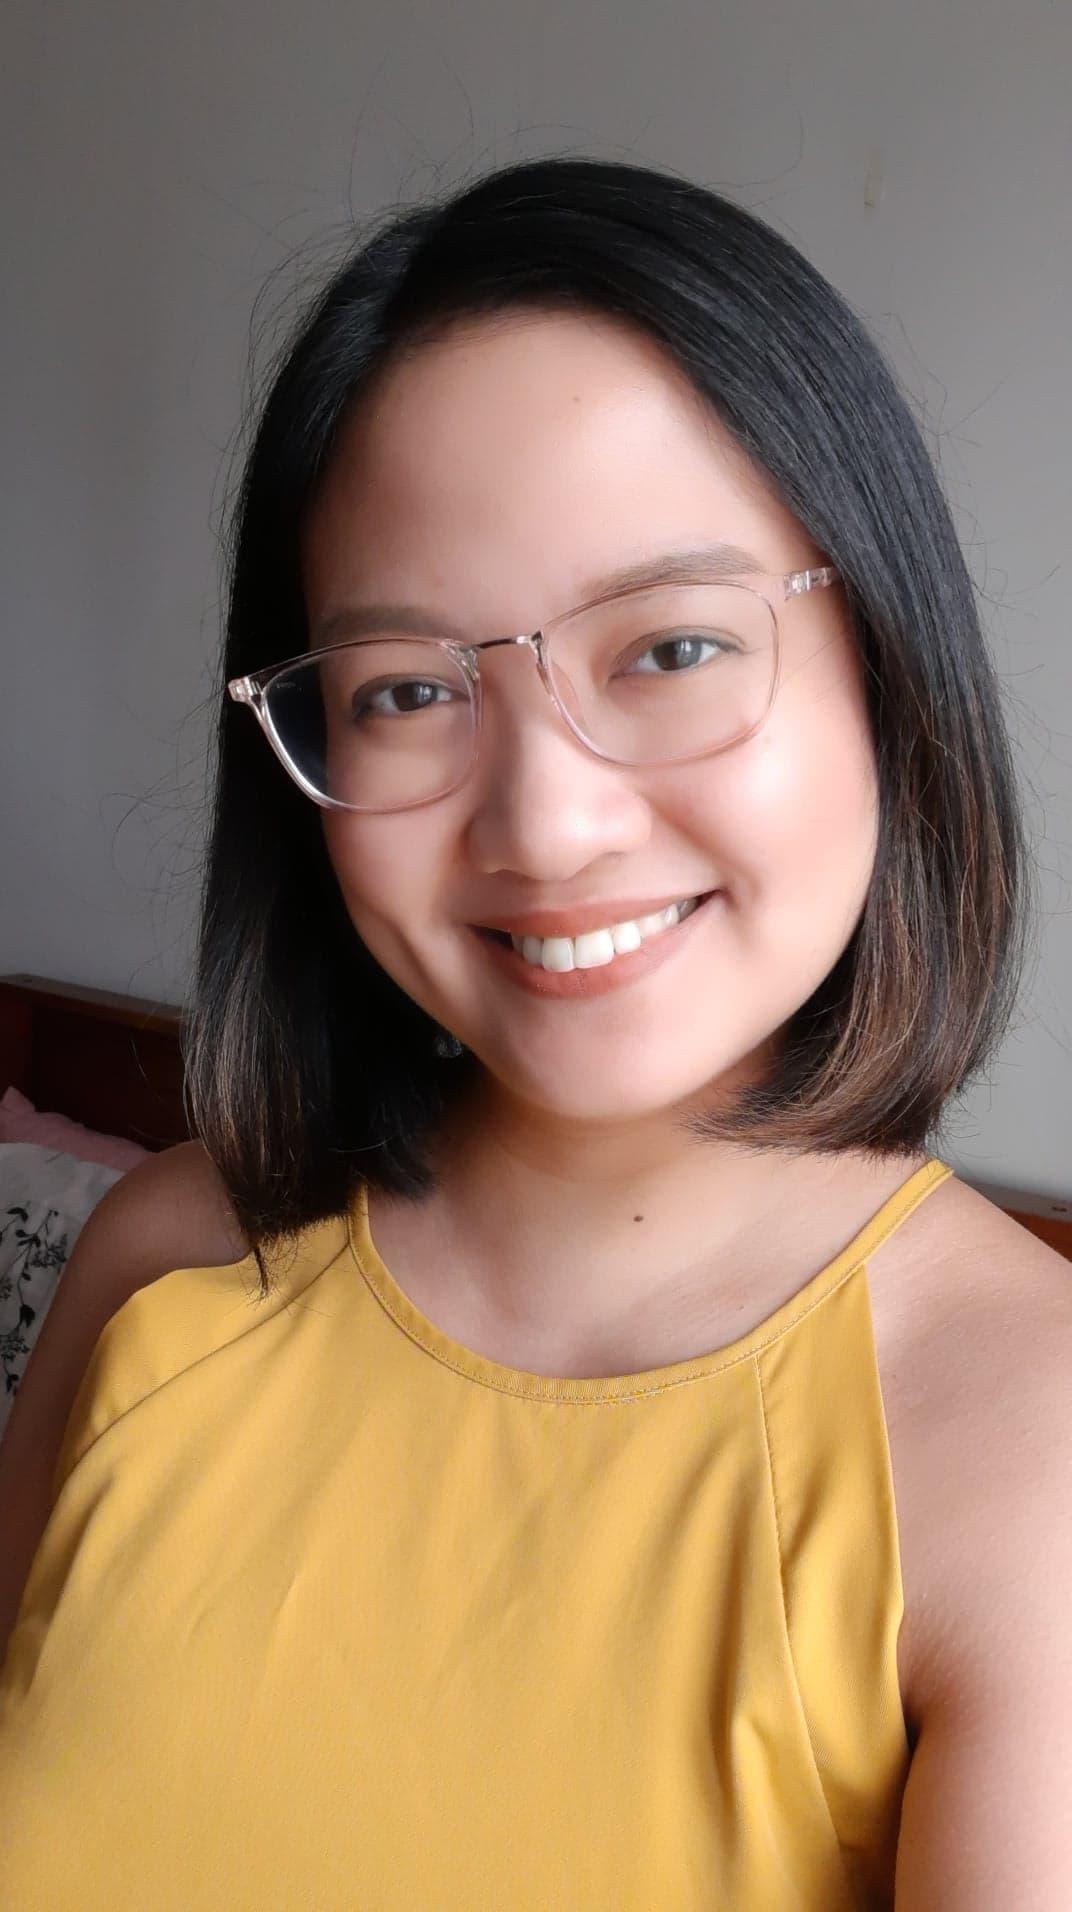 femme avec une coupe de cheveux courte